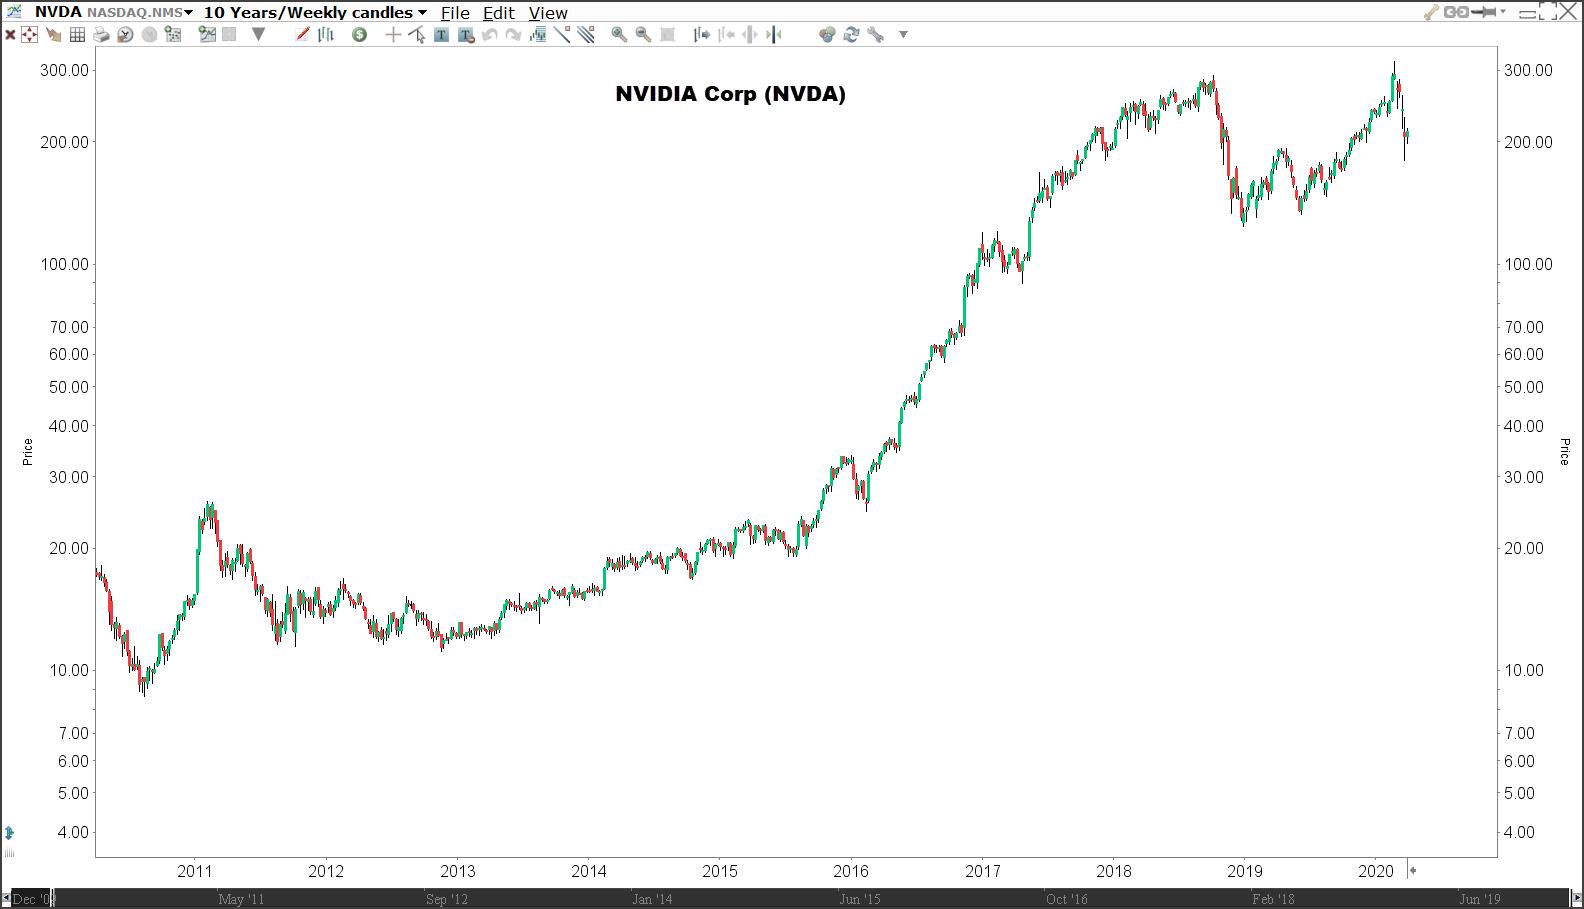 Aandeel NVIDIA Corp (NVDA) - Beleggen in trends